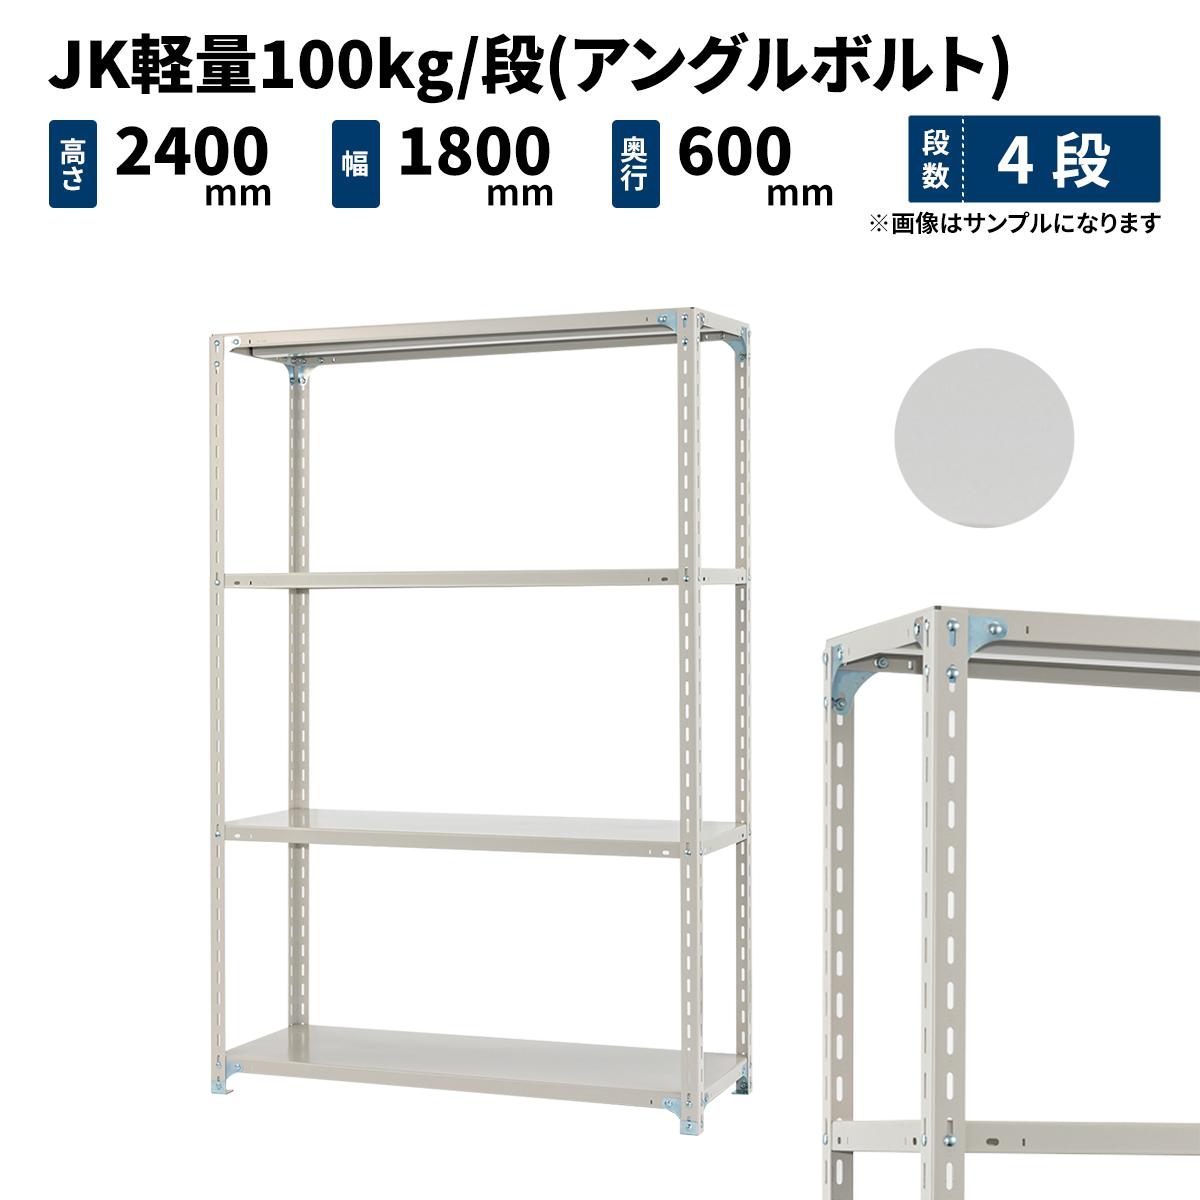 スチールラック 業務用 JK軽量100kg/段(アングルボルト) 高さ2400×幅1800×奥行600mm 4段 ホワイトグレー (65kg) JK100BT-241806-4